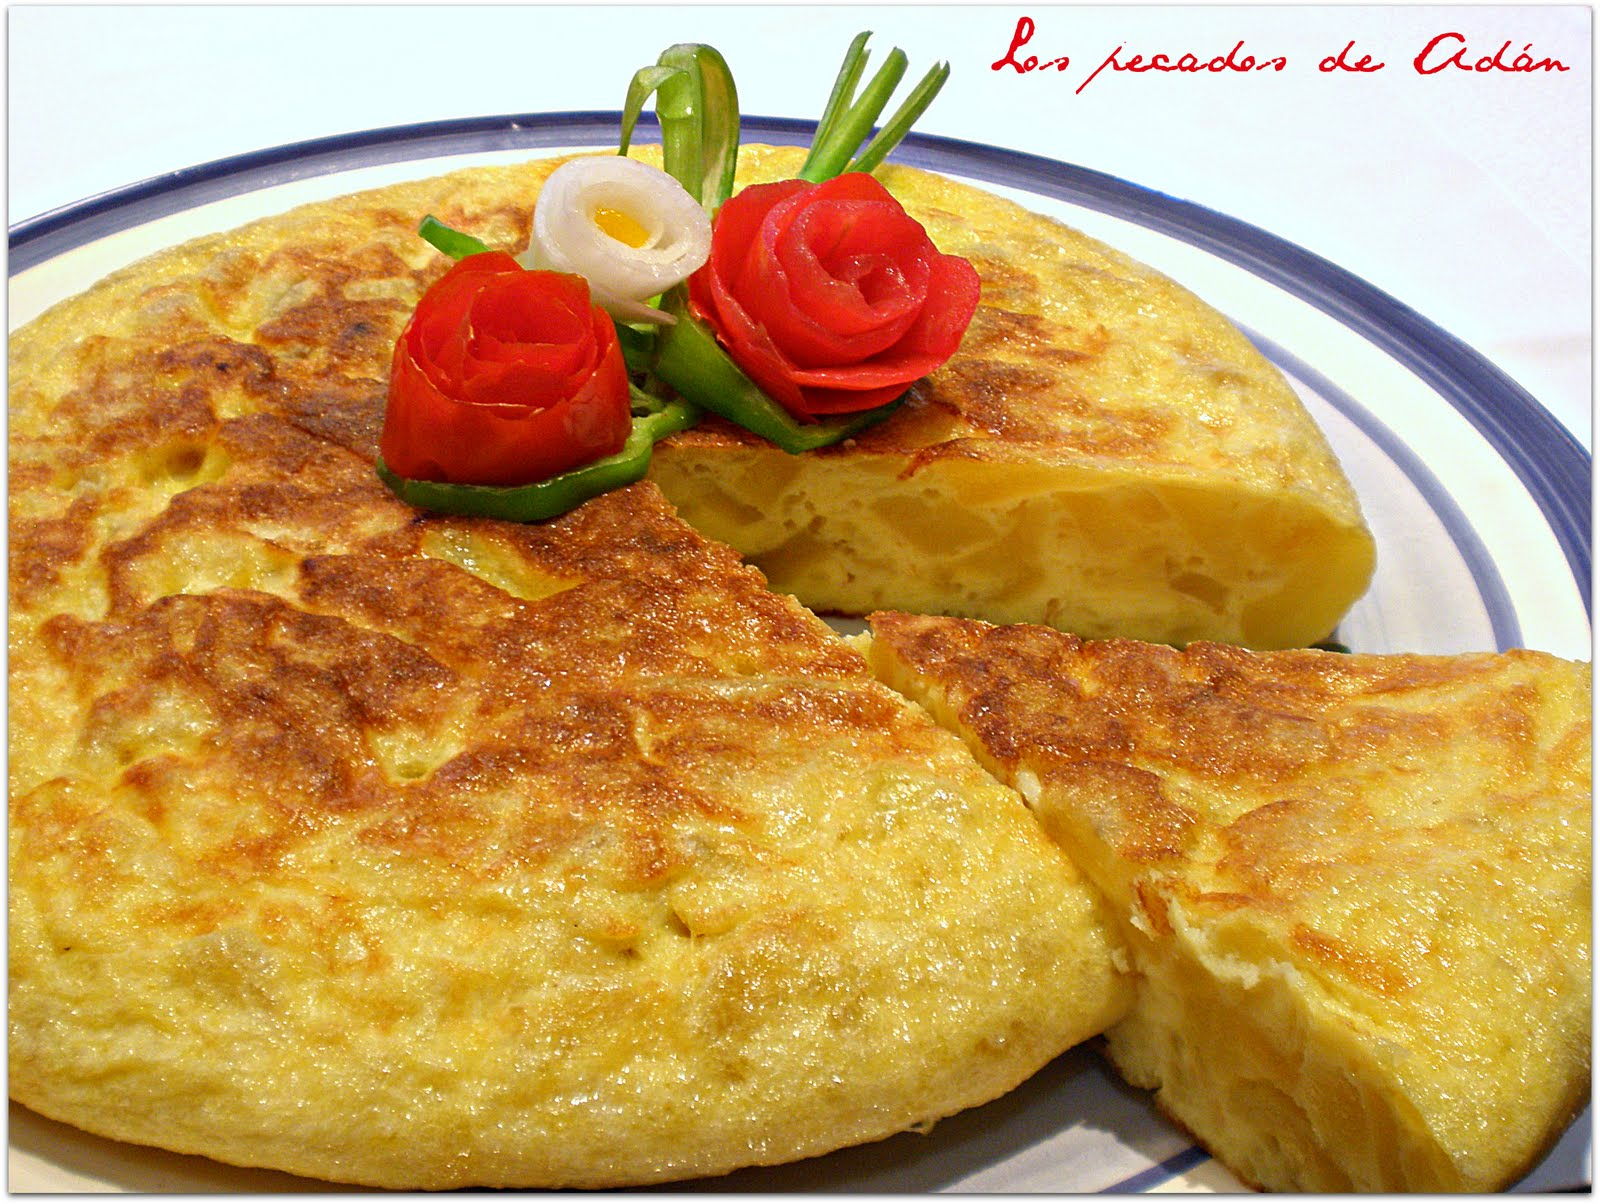 Pa ses ciudades y gastronom a gastronom a espa ola for Cocina espanola